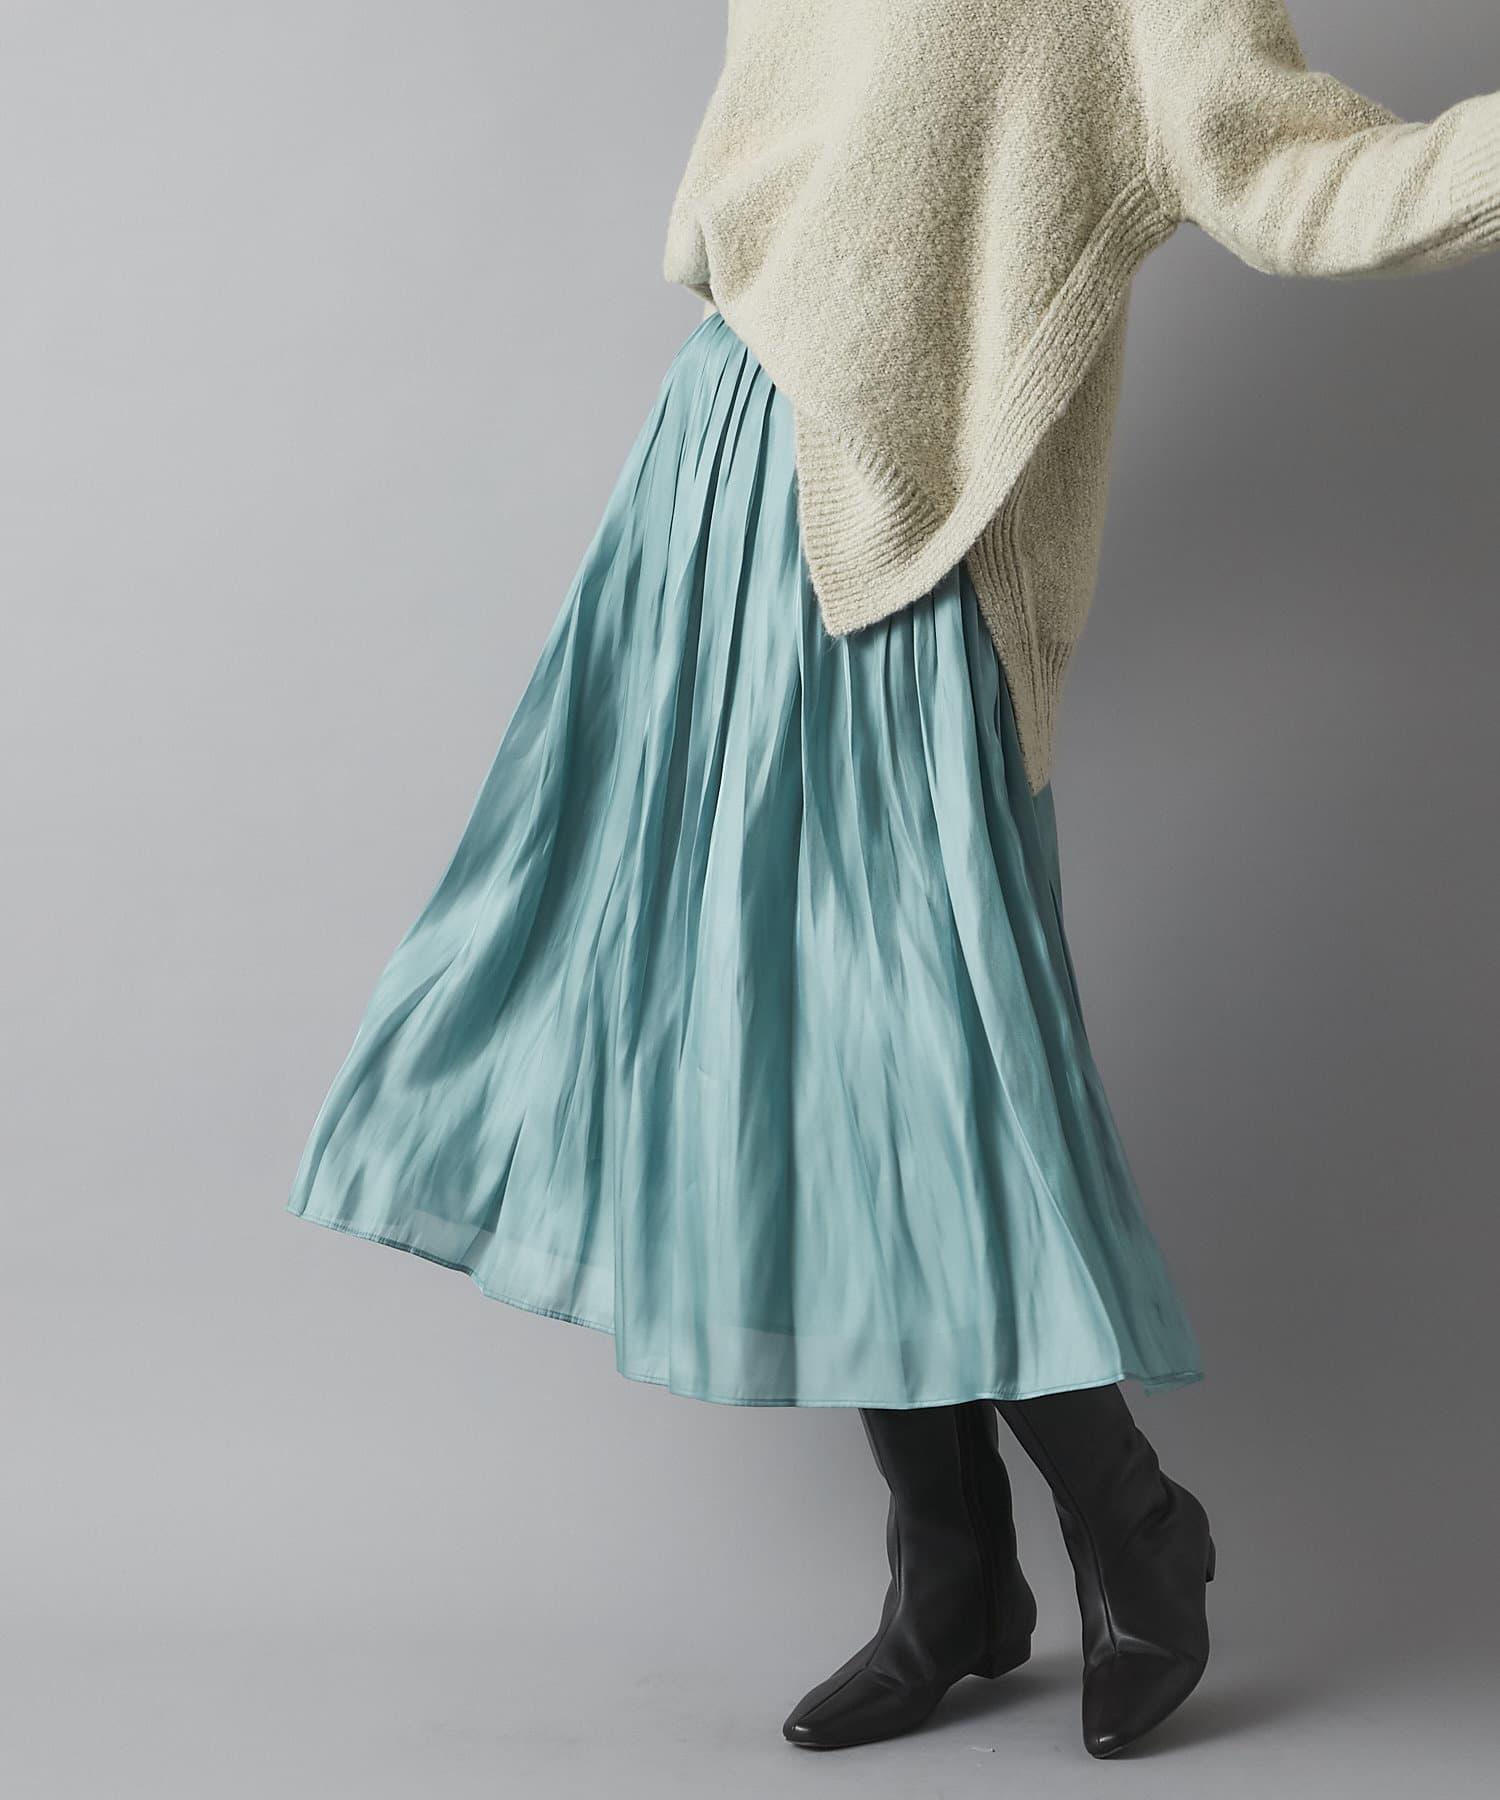 RIVE DROITE(リヴドロワ) 【RIVE DROITEの名品】リキッドギャザースカート